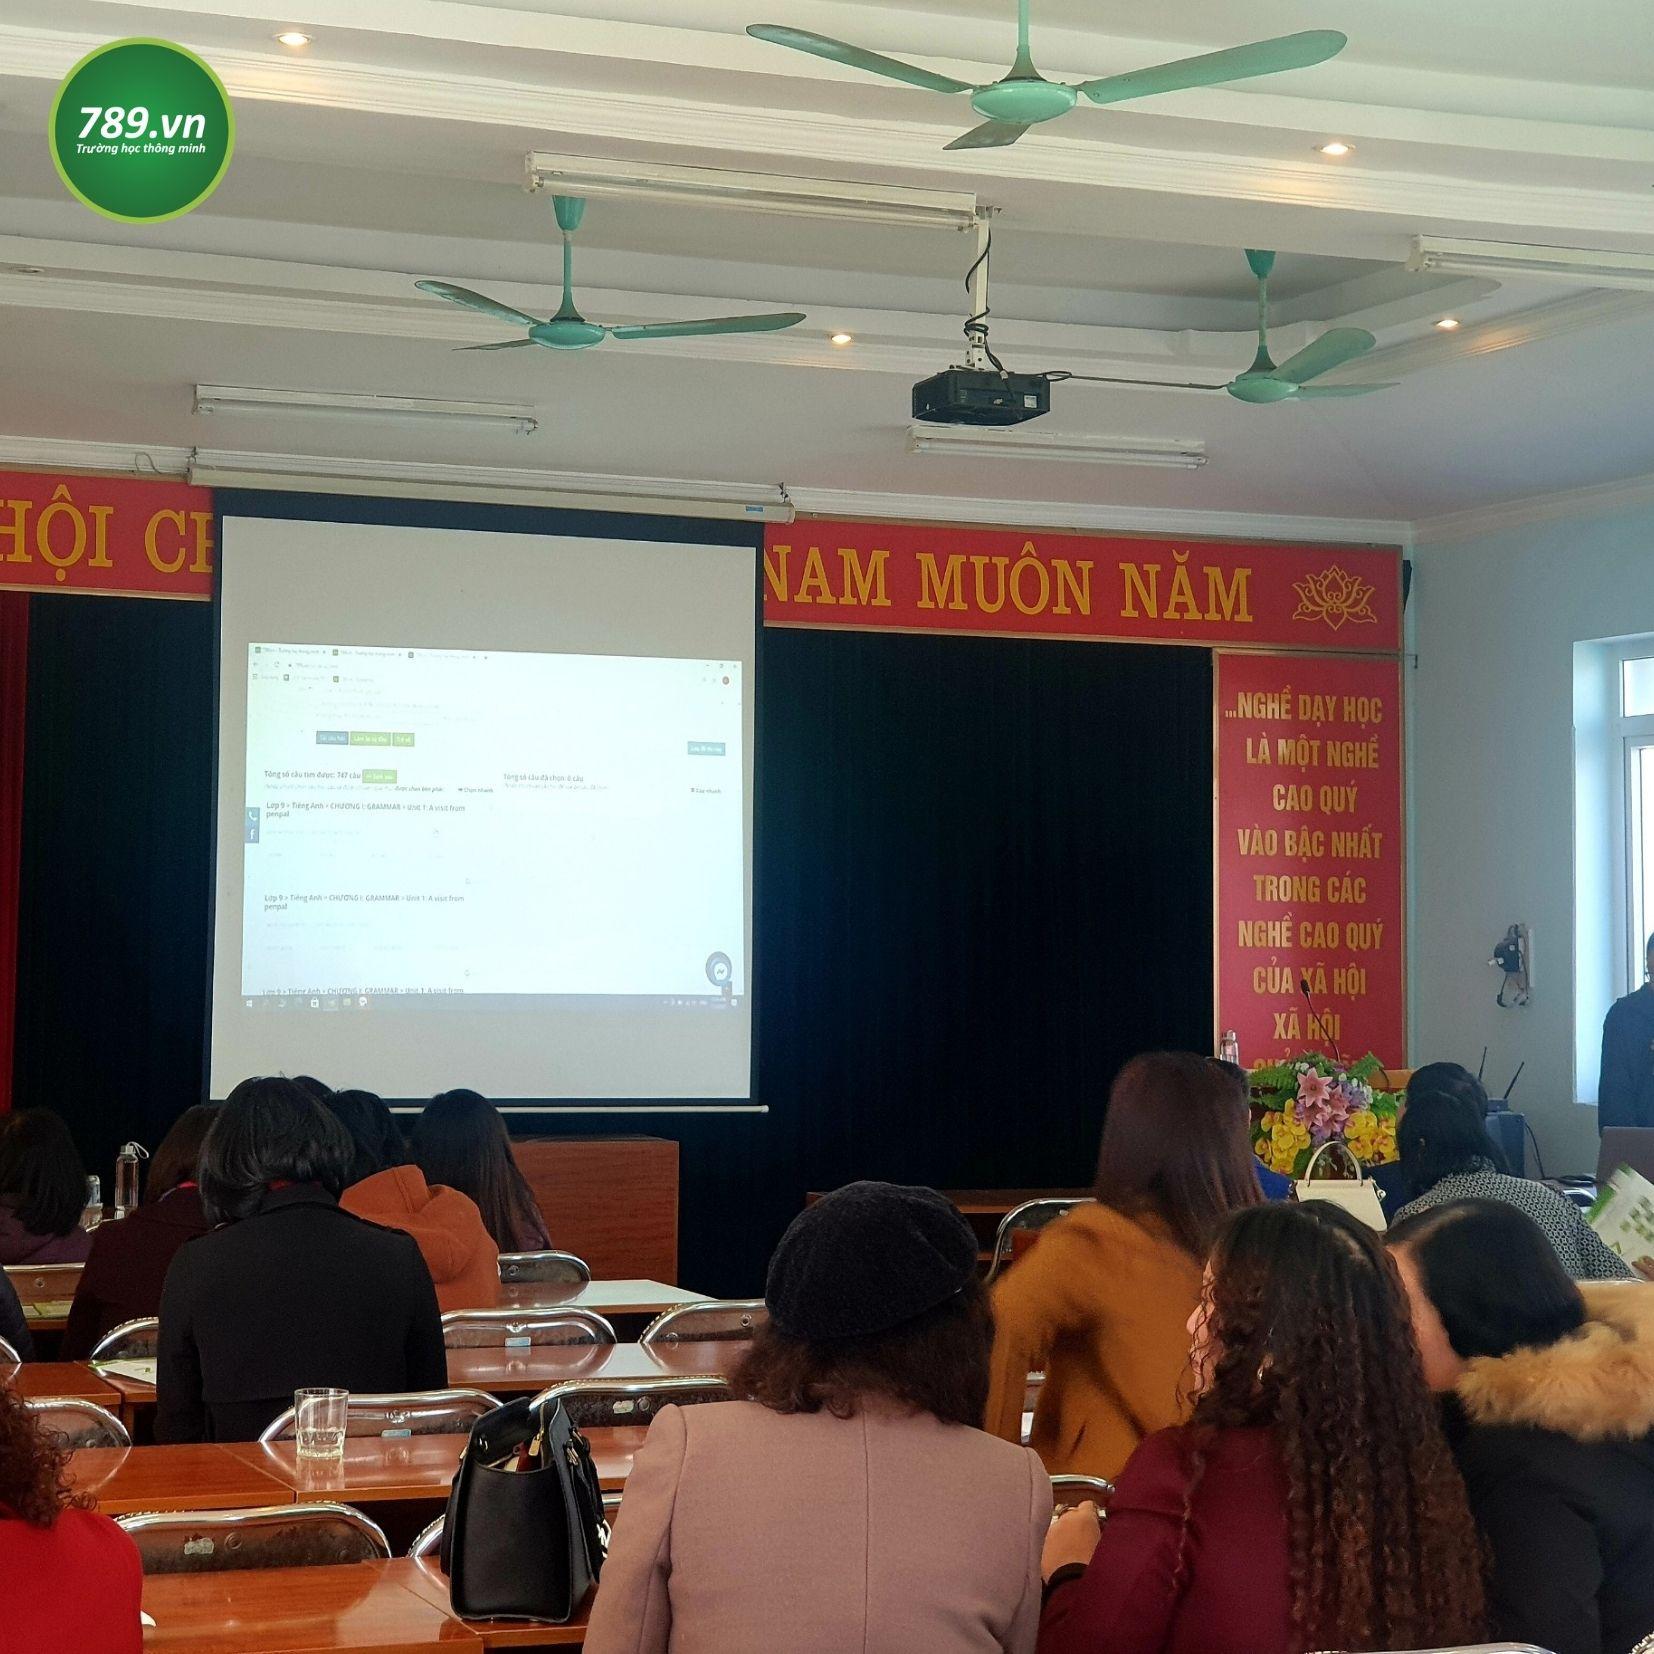 Trường học thông minh 789.vn tại phòng Giáo dục Gia Lâm, Hà Nội